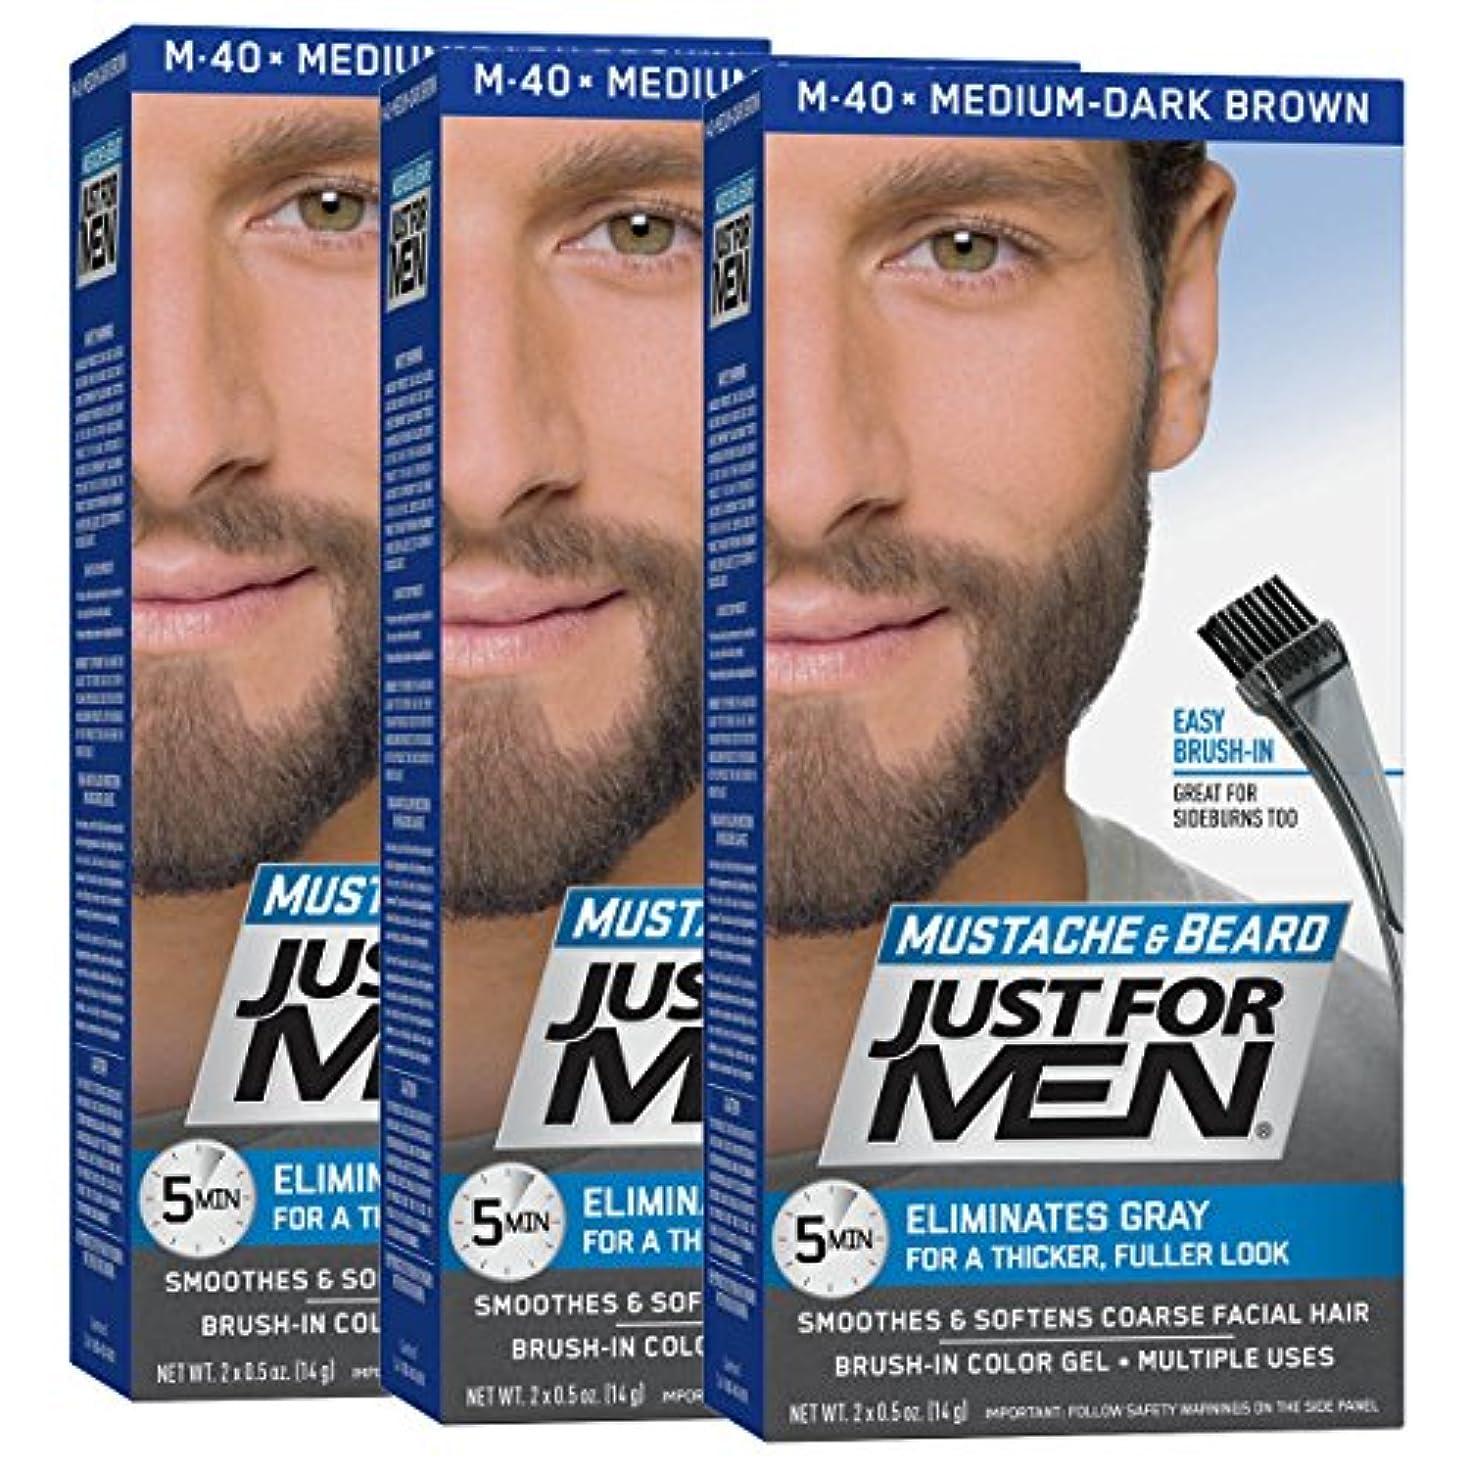 ドキドキモネロデオJust for Men 口ひげ&髭ブラシ-のカラージェル、ミディアム?ダークブラウン(3パック、パッケージングは??変更になる場合があります) 3 05ミディアム、ダークブラウン